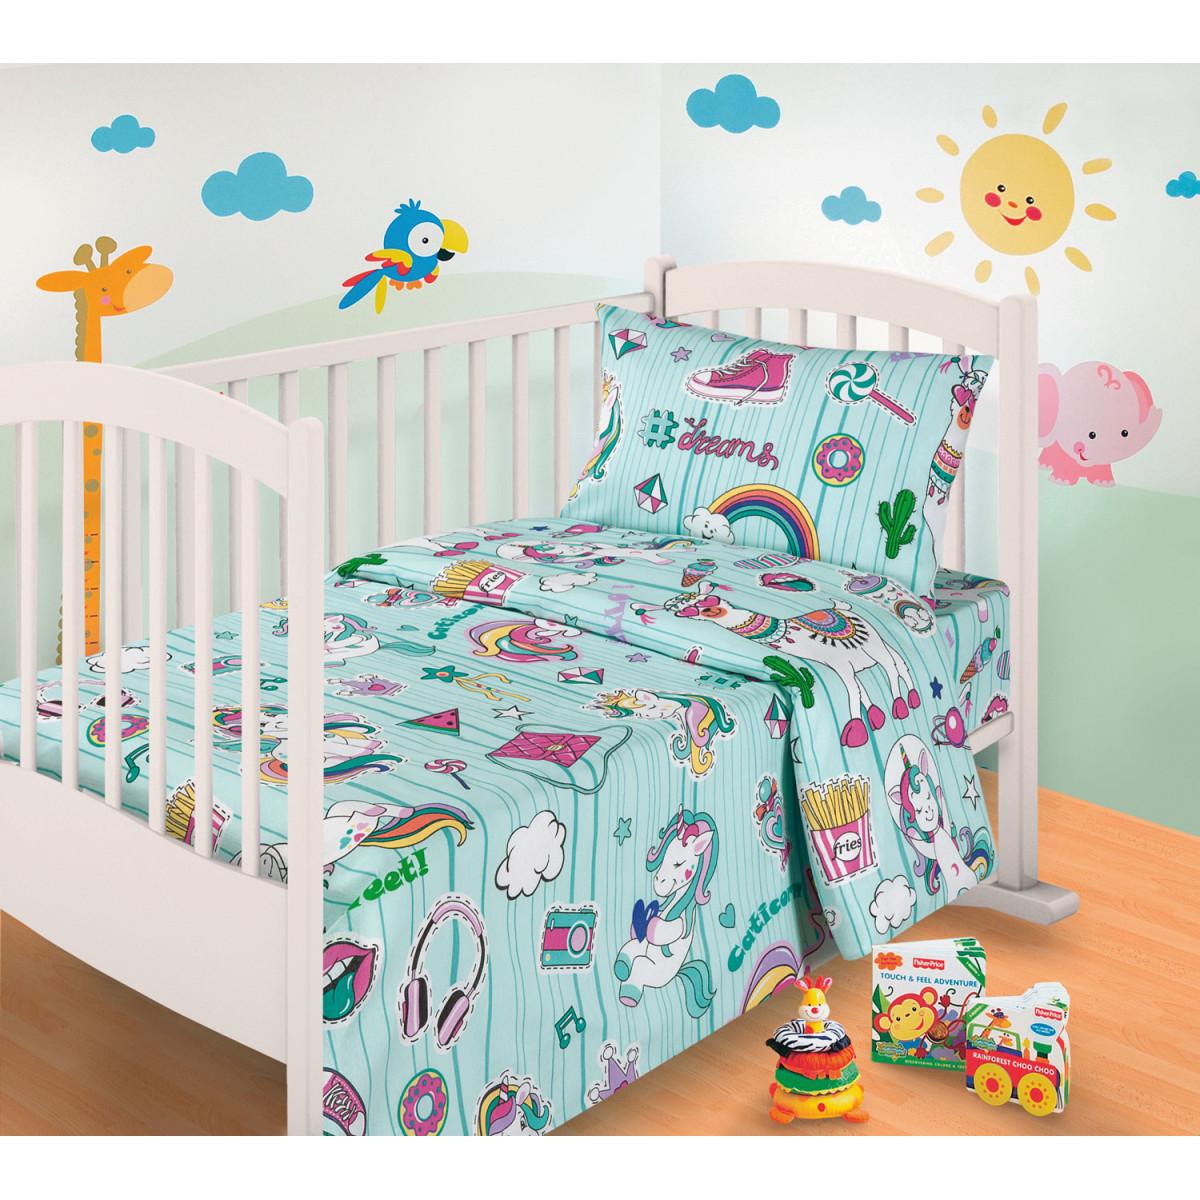 Комплект постельного белья MILANIKA Мечта в кроватку бязь